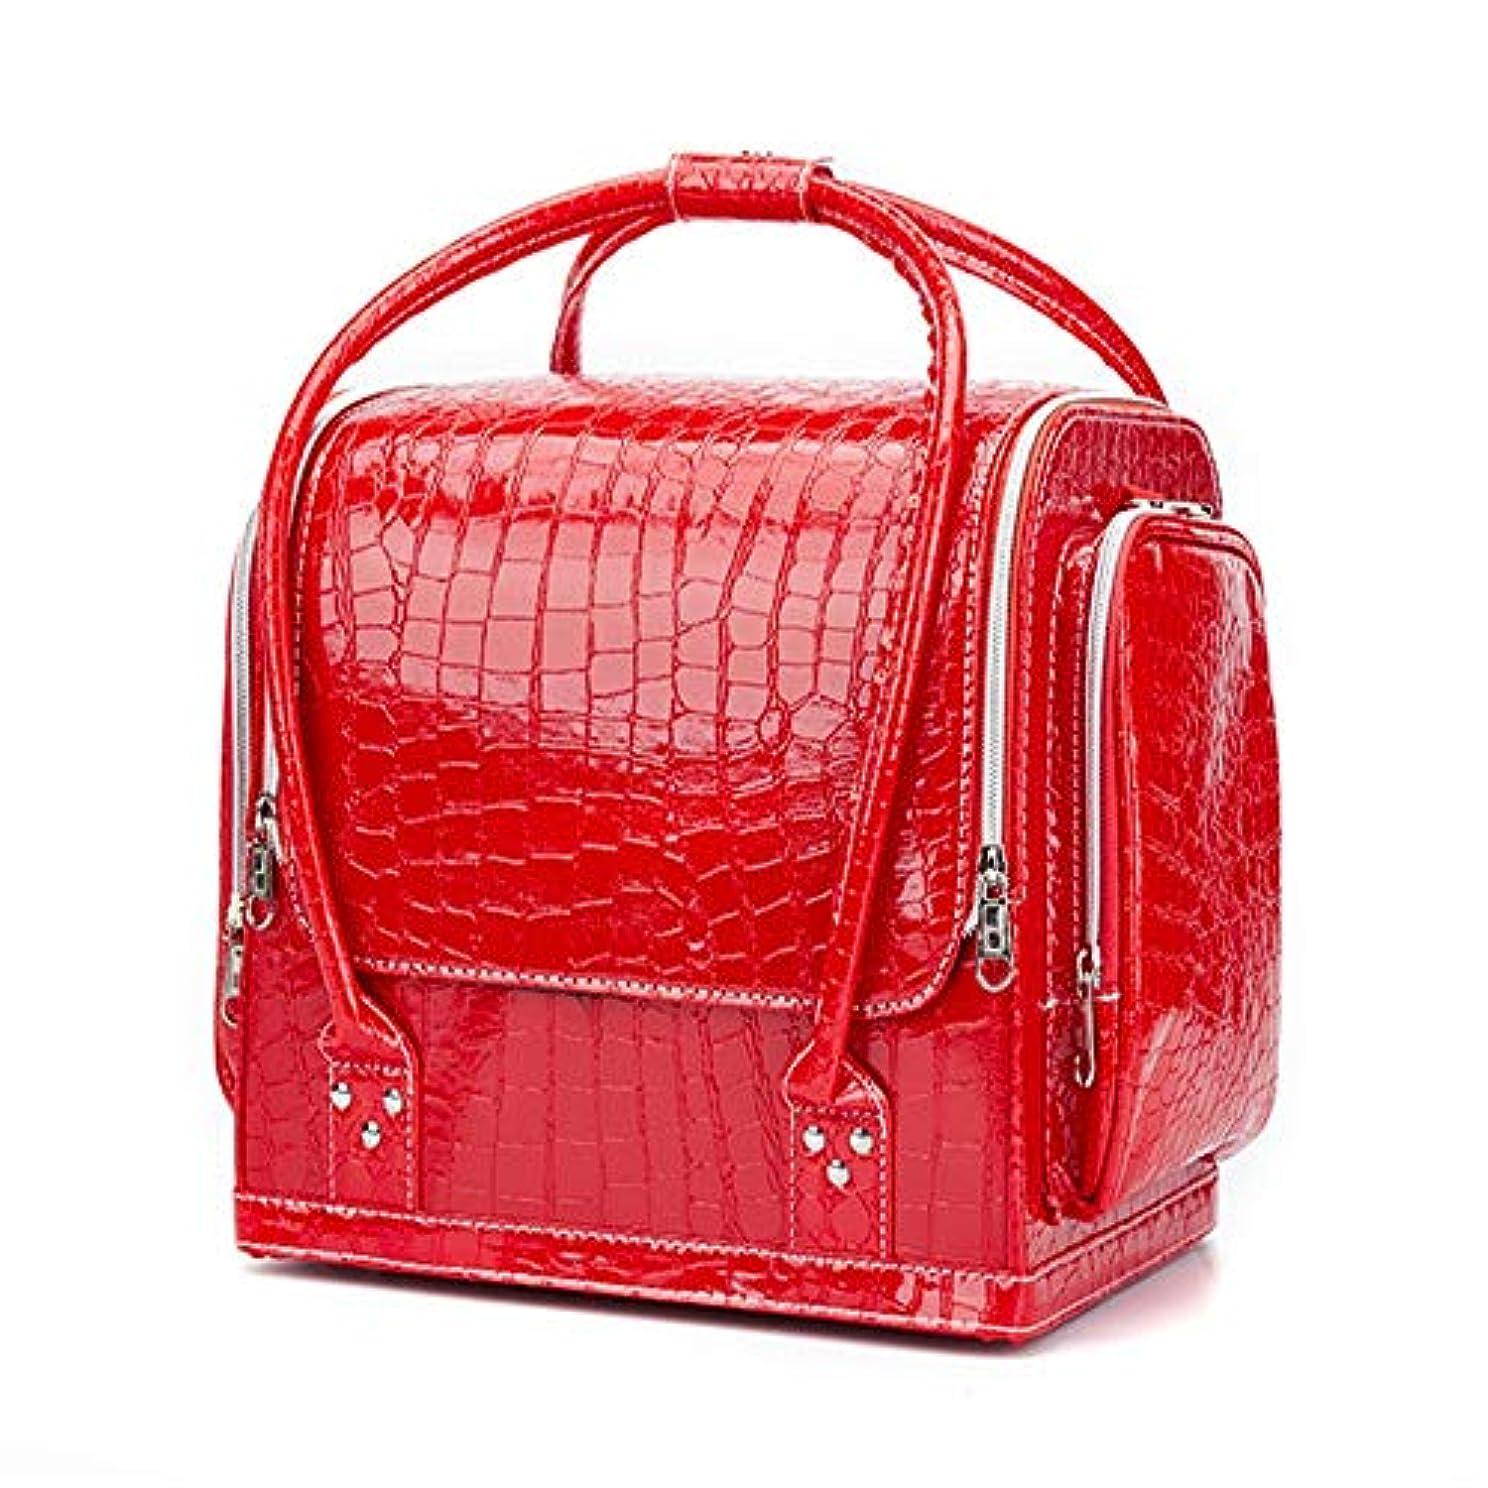 炎上作物ツーリスト化粧オーガナイザーバッグ ポータブルプロフェッショナルpuレザー旅行メイクアップバッグパターンメイクアップアーティストケーストレインボックス化粧品オーガナイザー収納用十代の女の子女性アーティスト 化粧品ケース (色 : 赤)